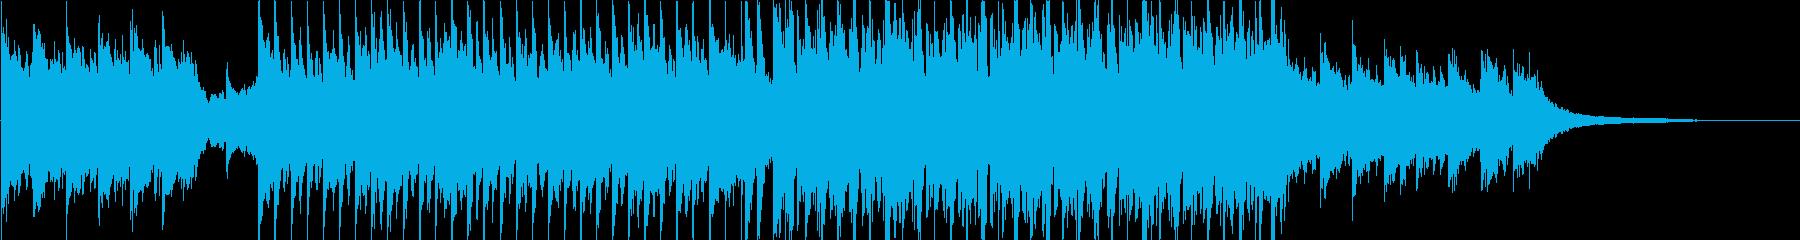 前向きなイメージのオープニング③の再生済みの波形